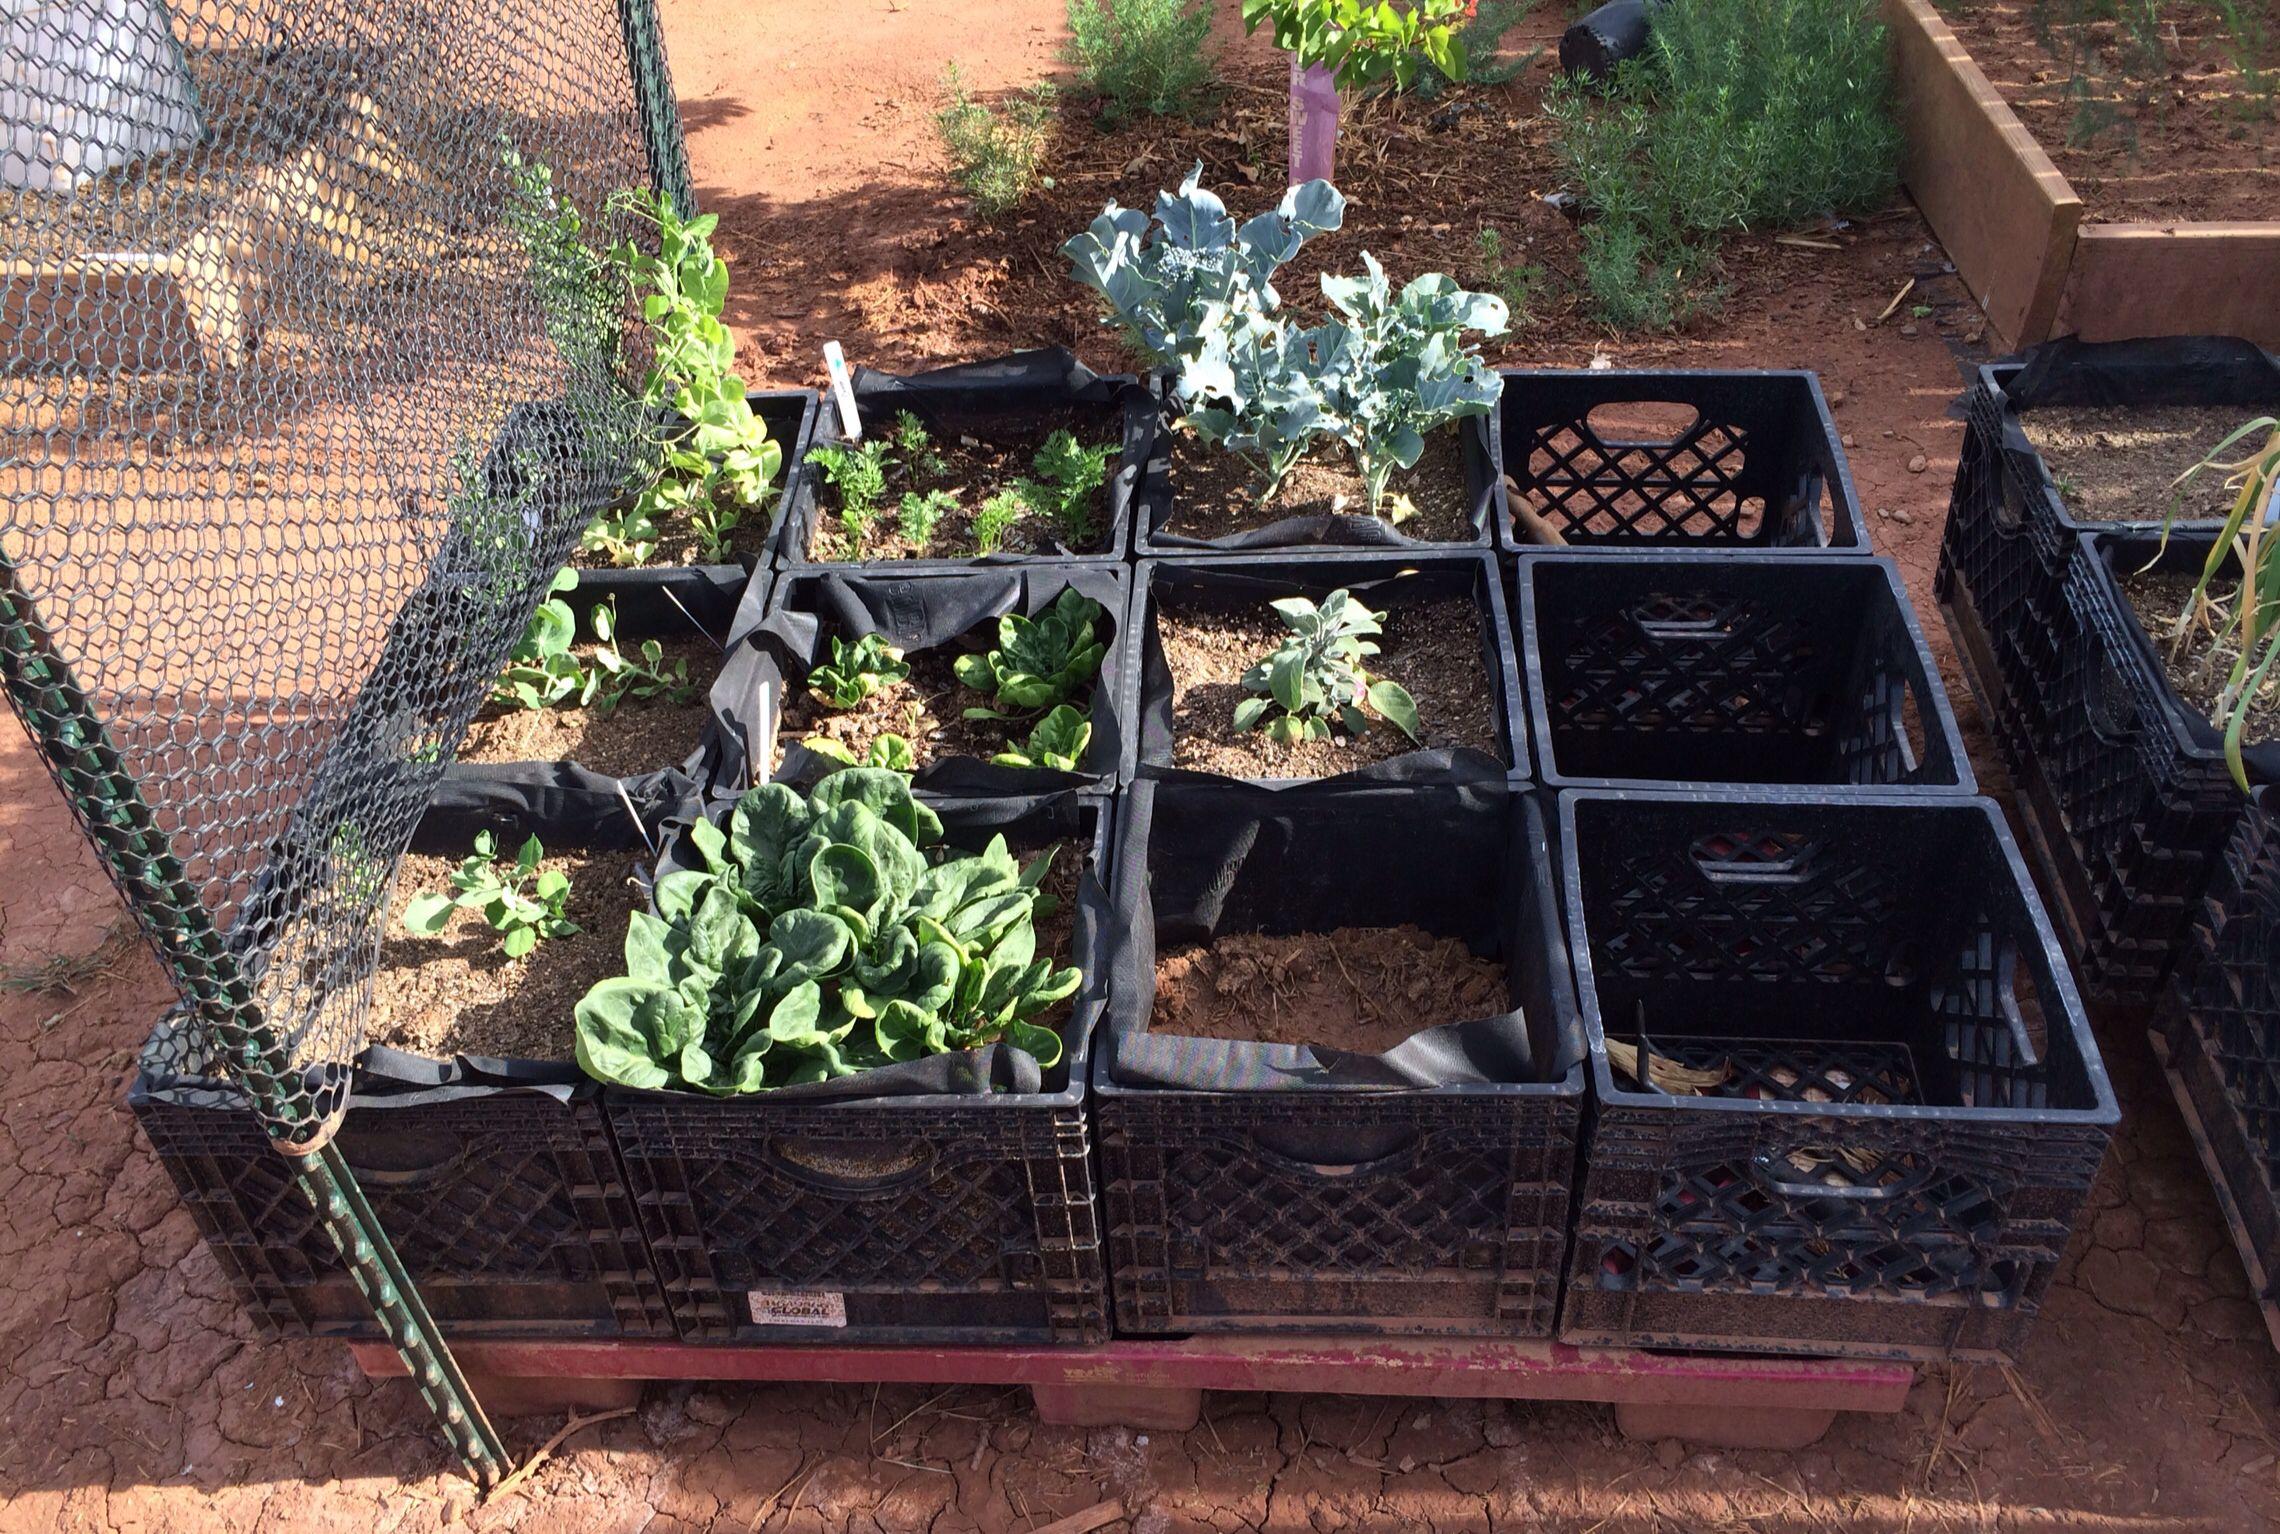 Garden Started In Milk Crate Planters Wooden Crates Garden Wooden Garden Wooden Garden Planters